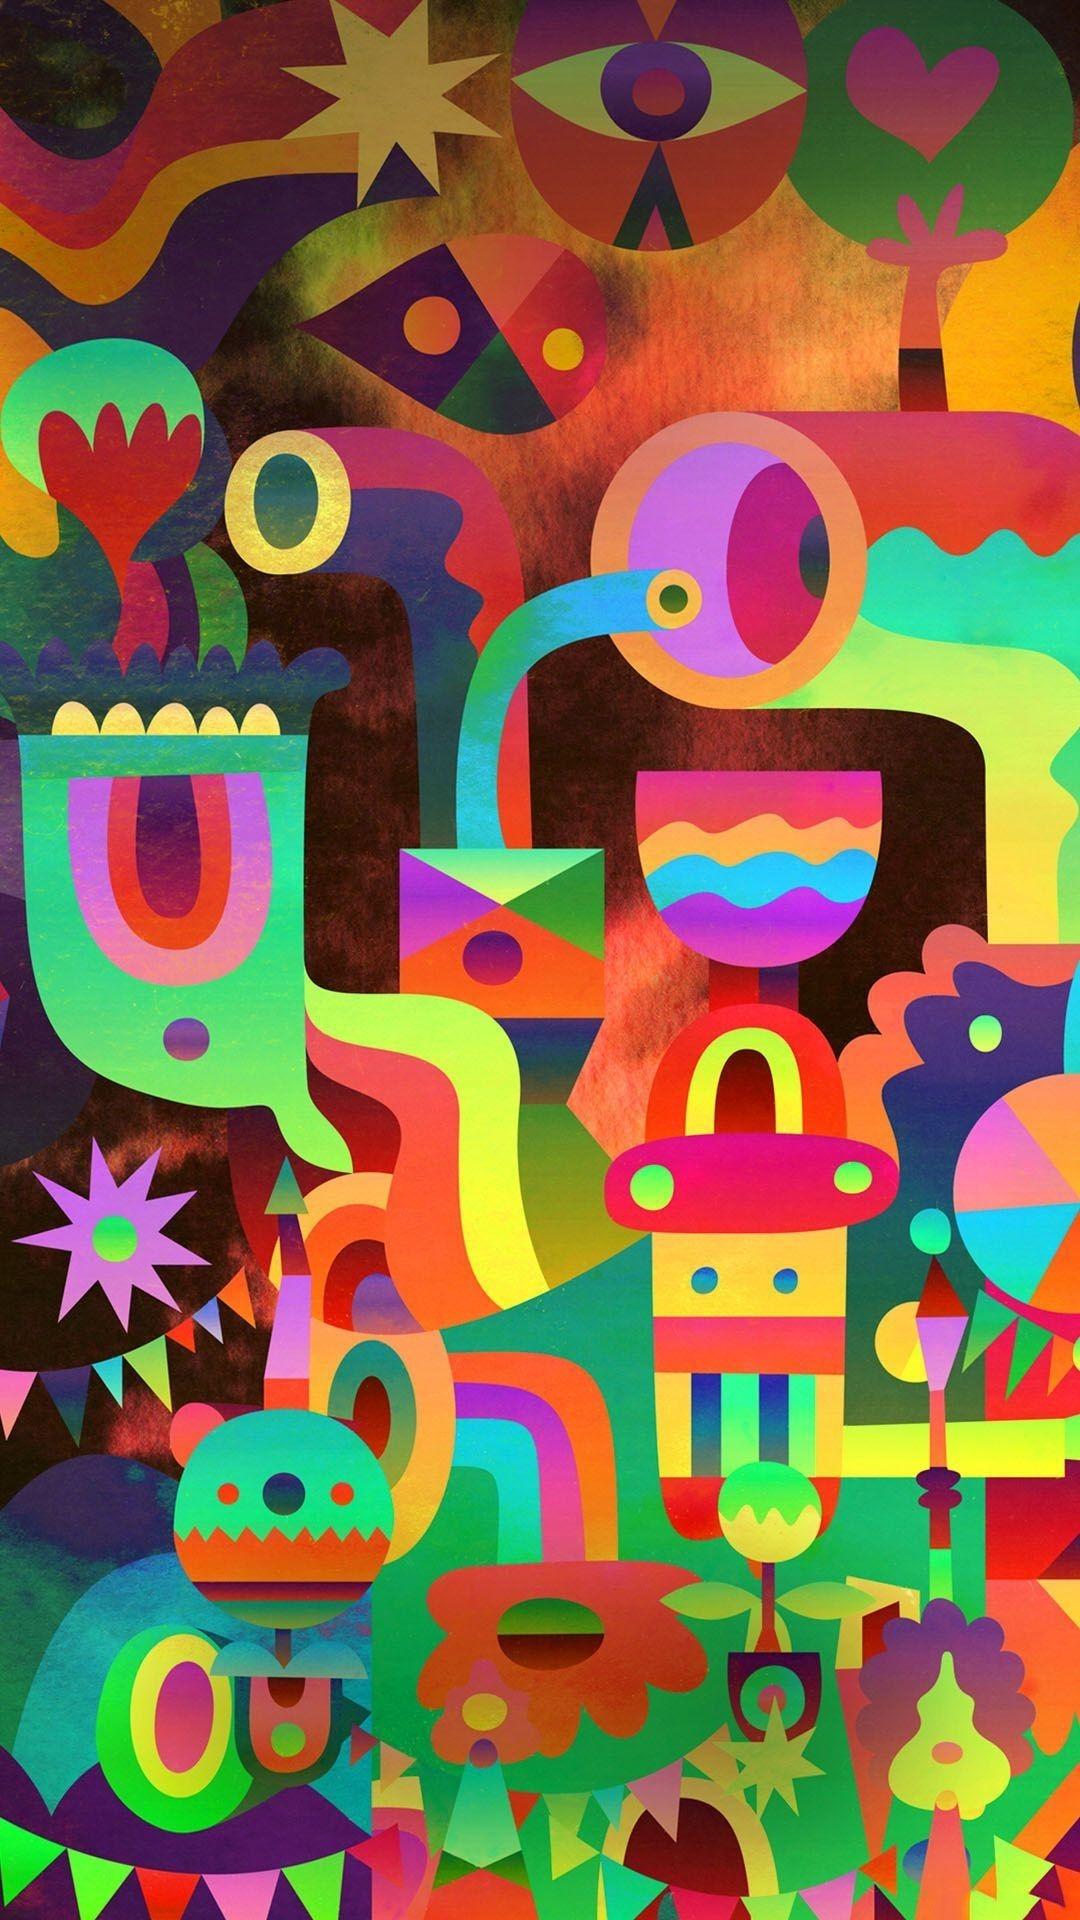 Colorful screensaver wallpaper